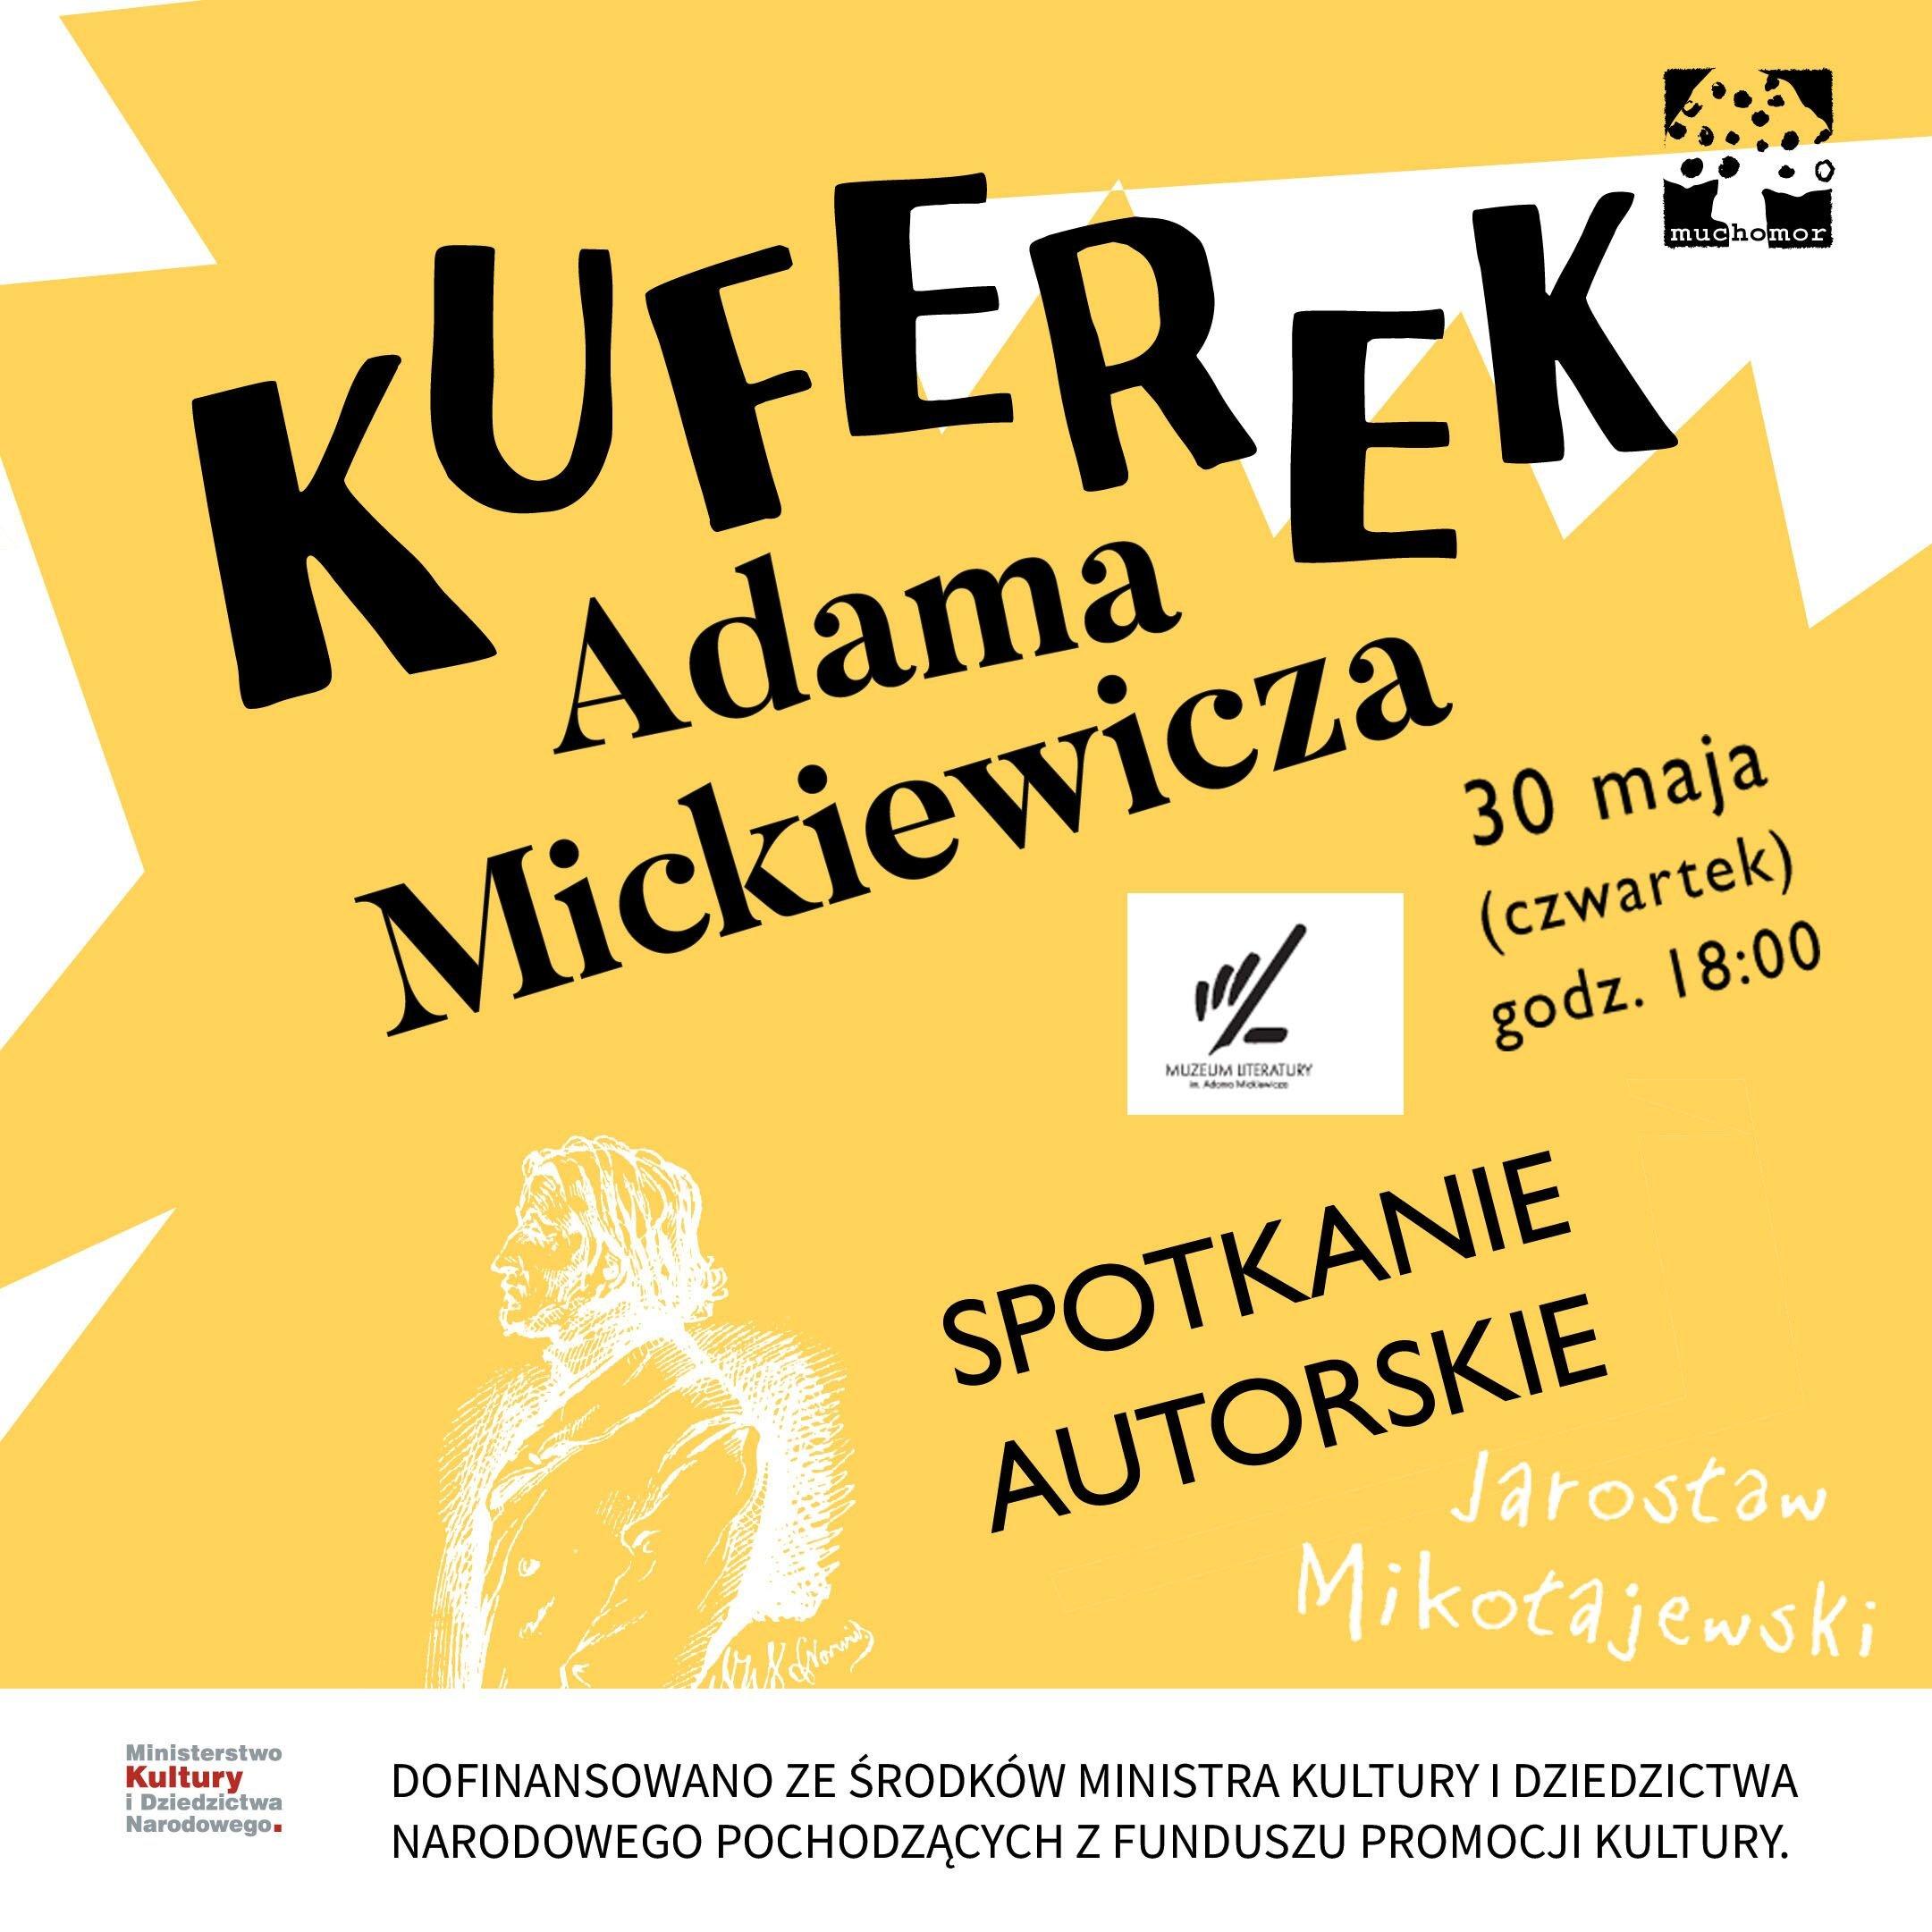 Jarosław Mikołajewski: Kuferek Mickiewicza - promocja książki w Muzeum Literatury